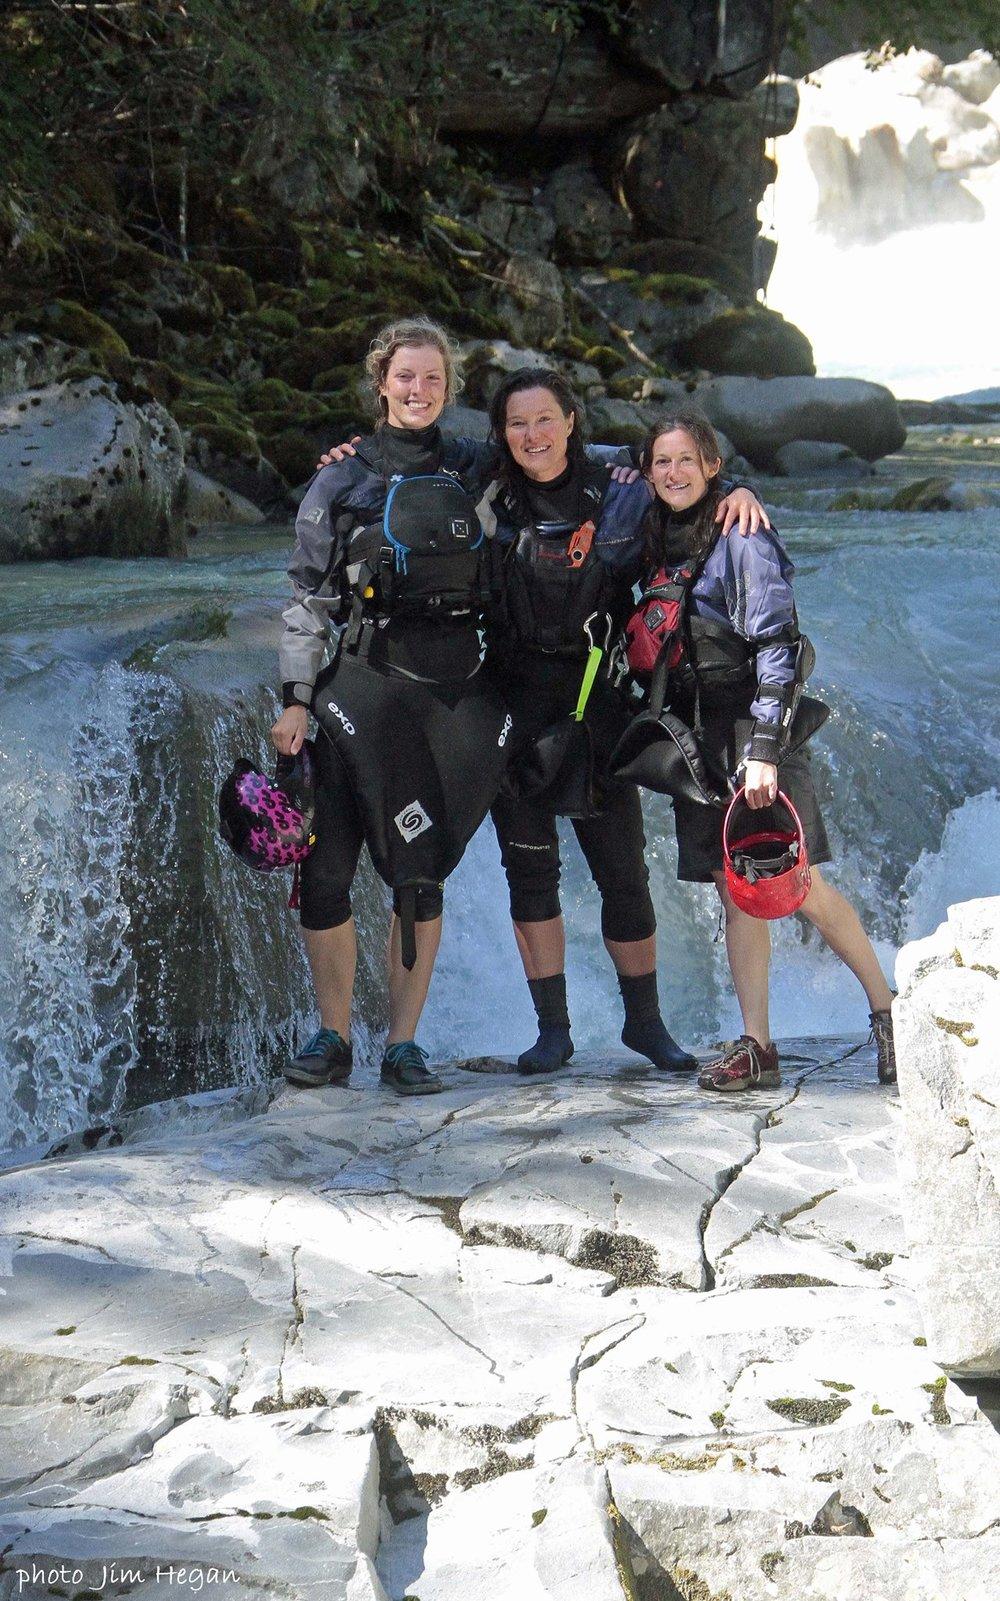 Ally, Tammy, and I